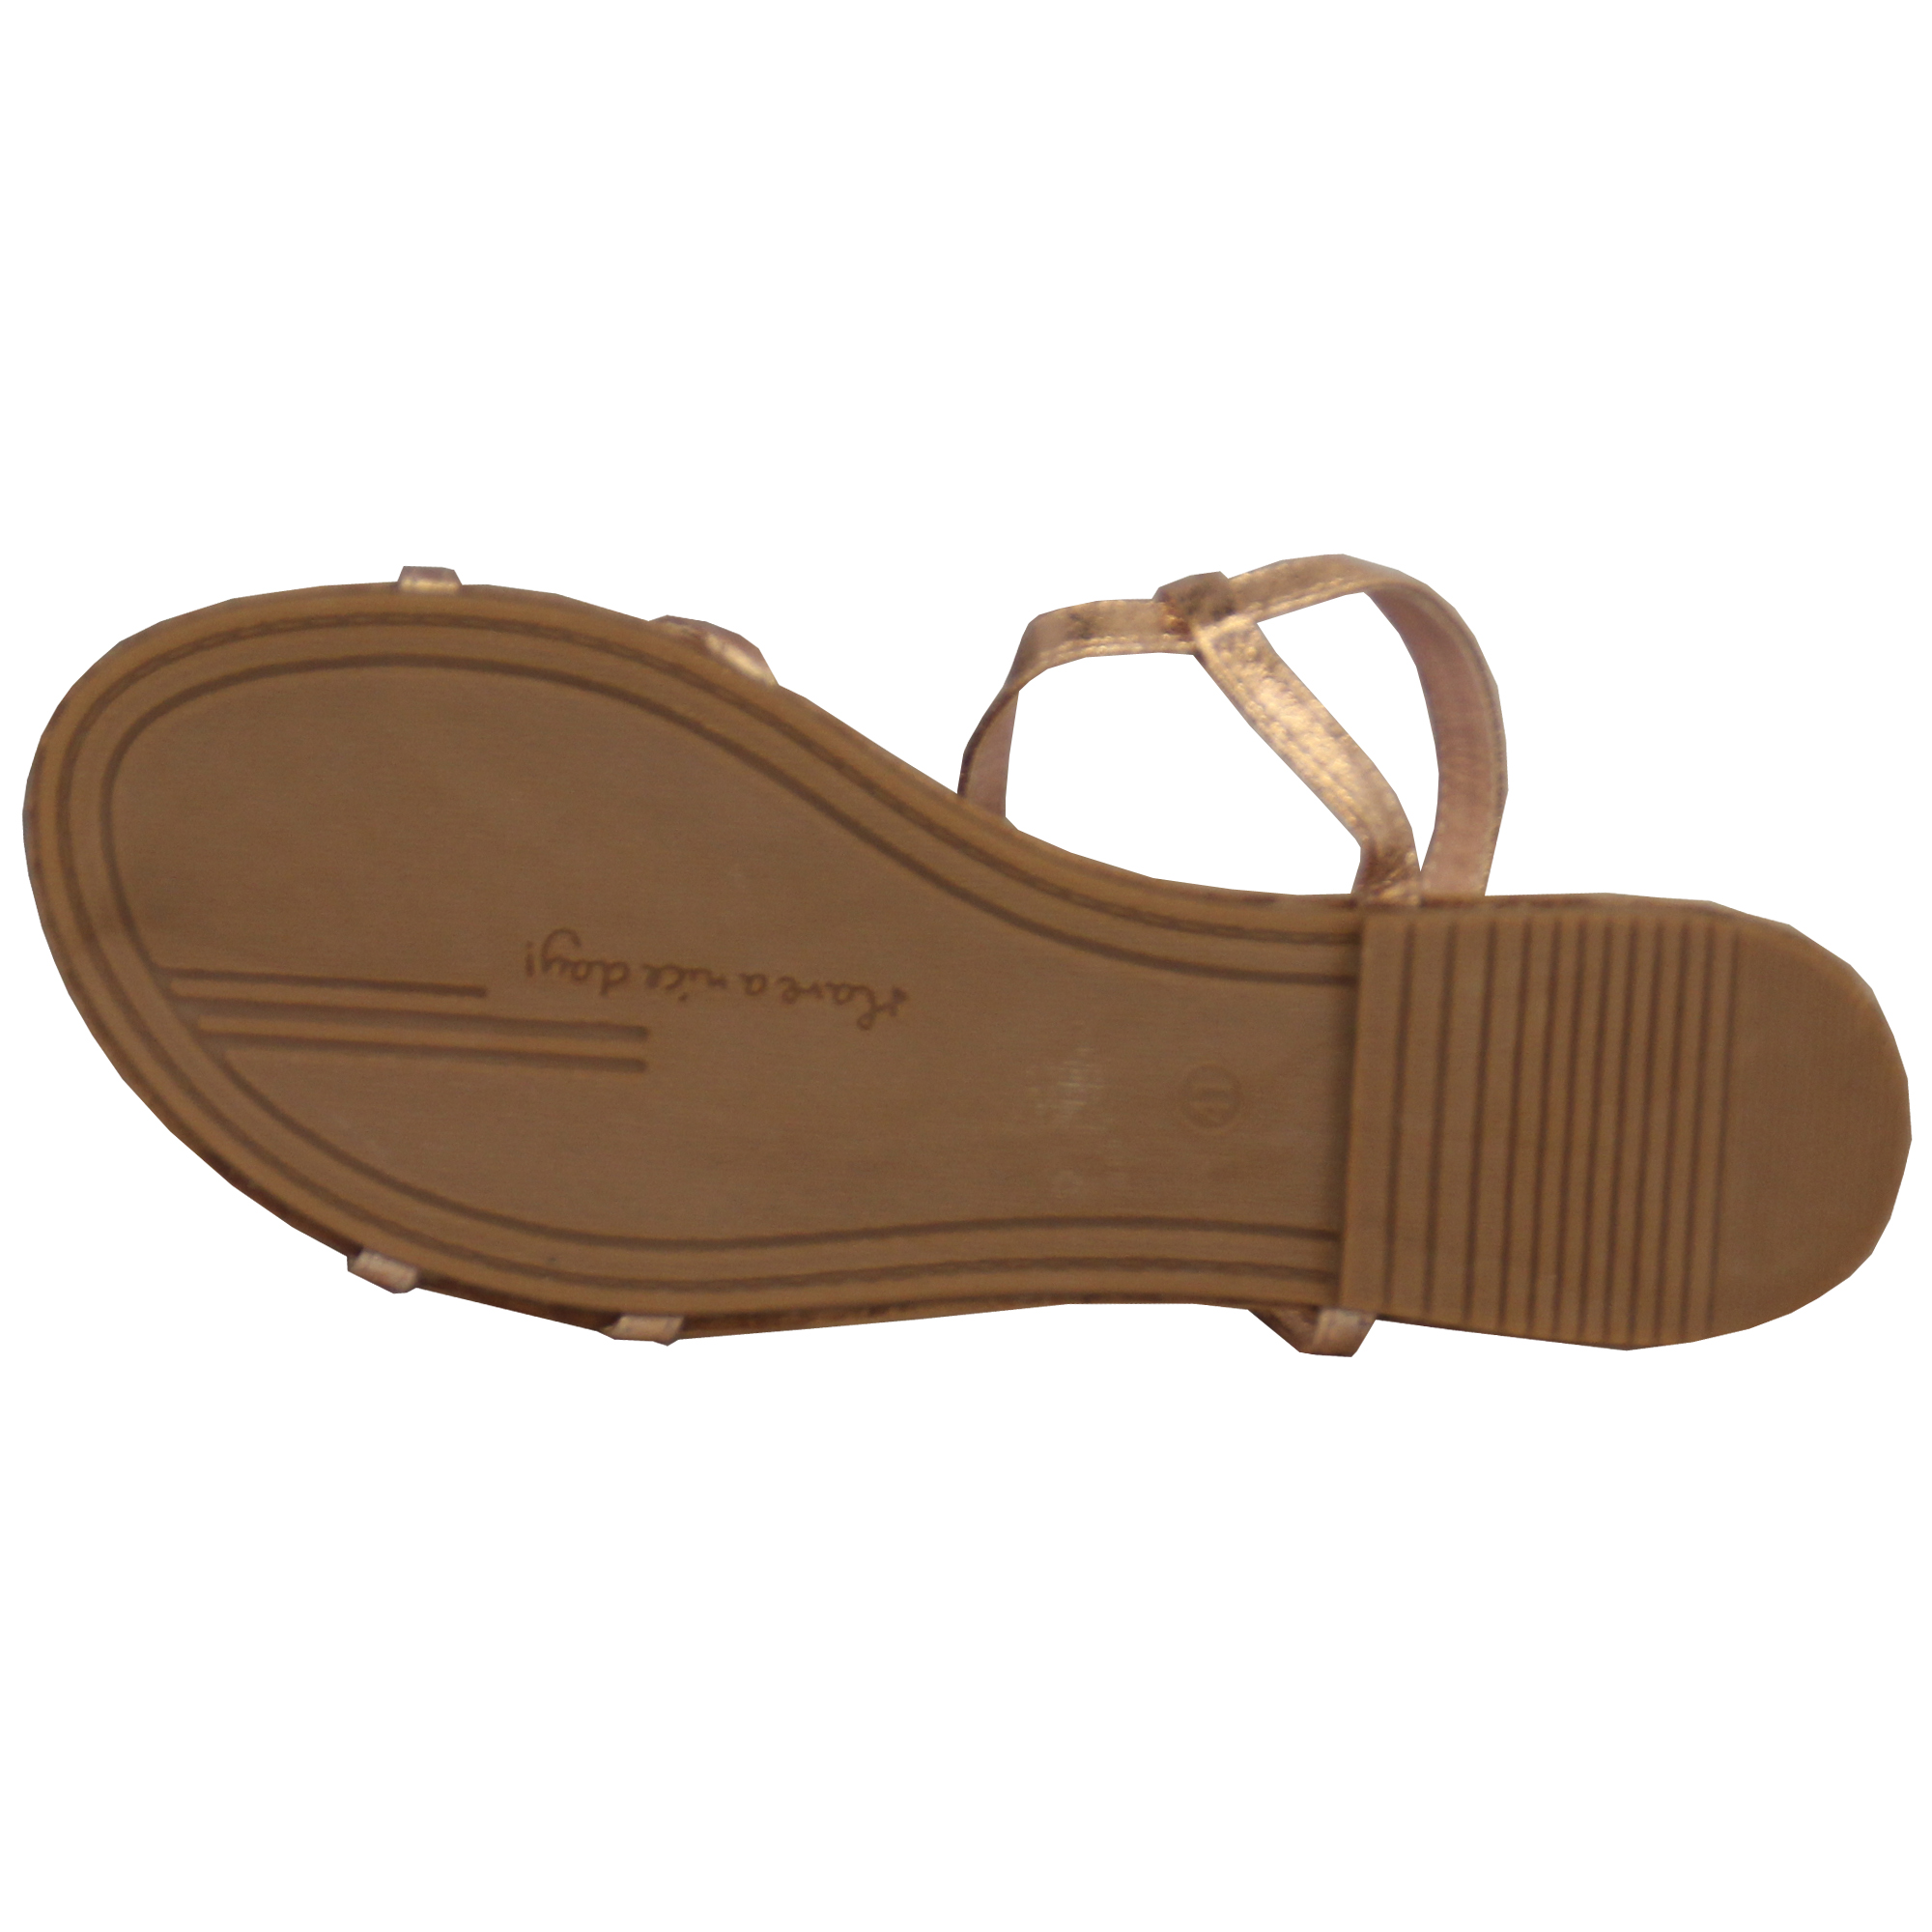 Damen Sandalen Slipper auf flach Open Toe Post Sling Strass Fransen Schuhe